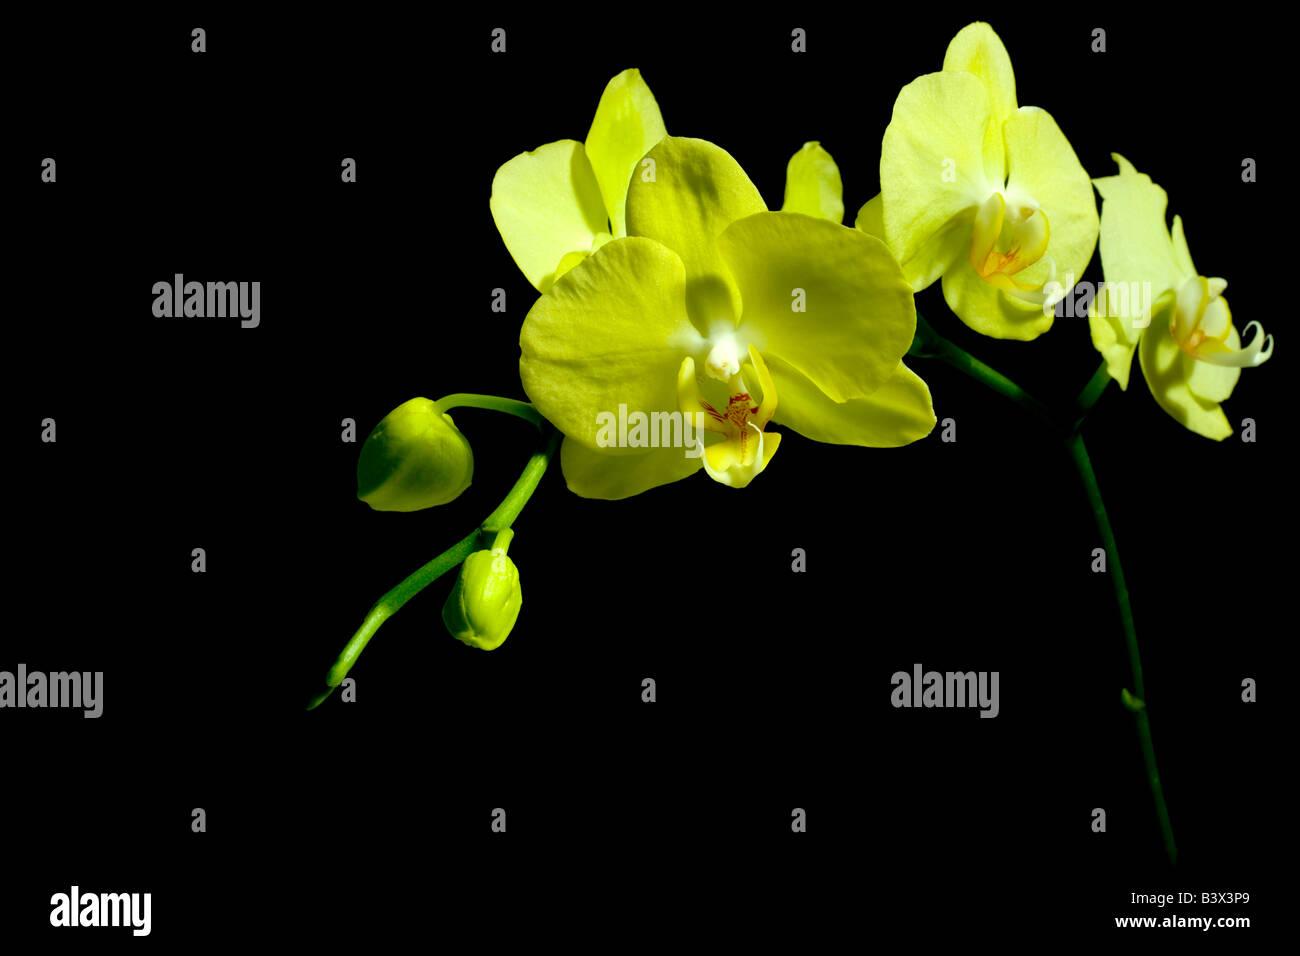 Gelben Blüten auf schwarzem Hintergrund Stockbild